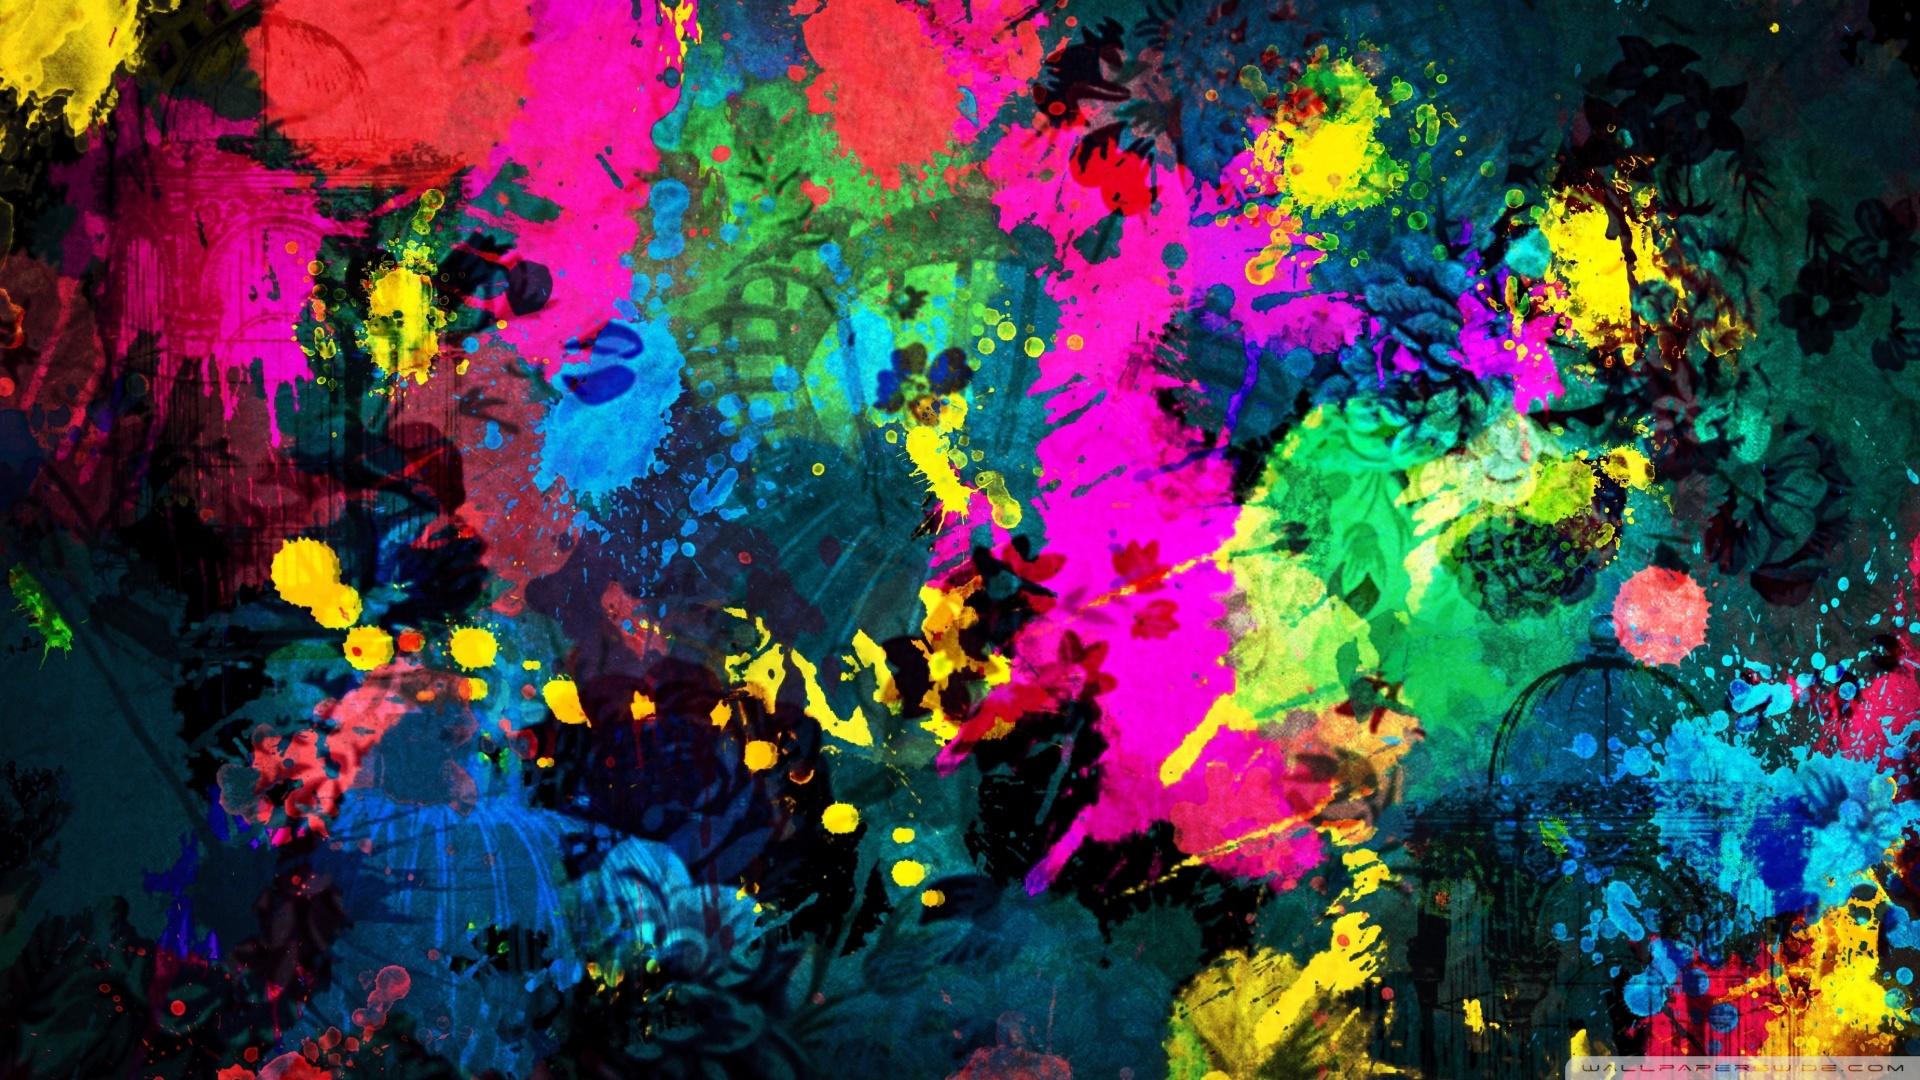 Colorful Paint Splatter Wallpaper 1920x1080 Colorful Paint Splatter 1920x1080